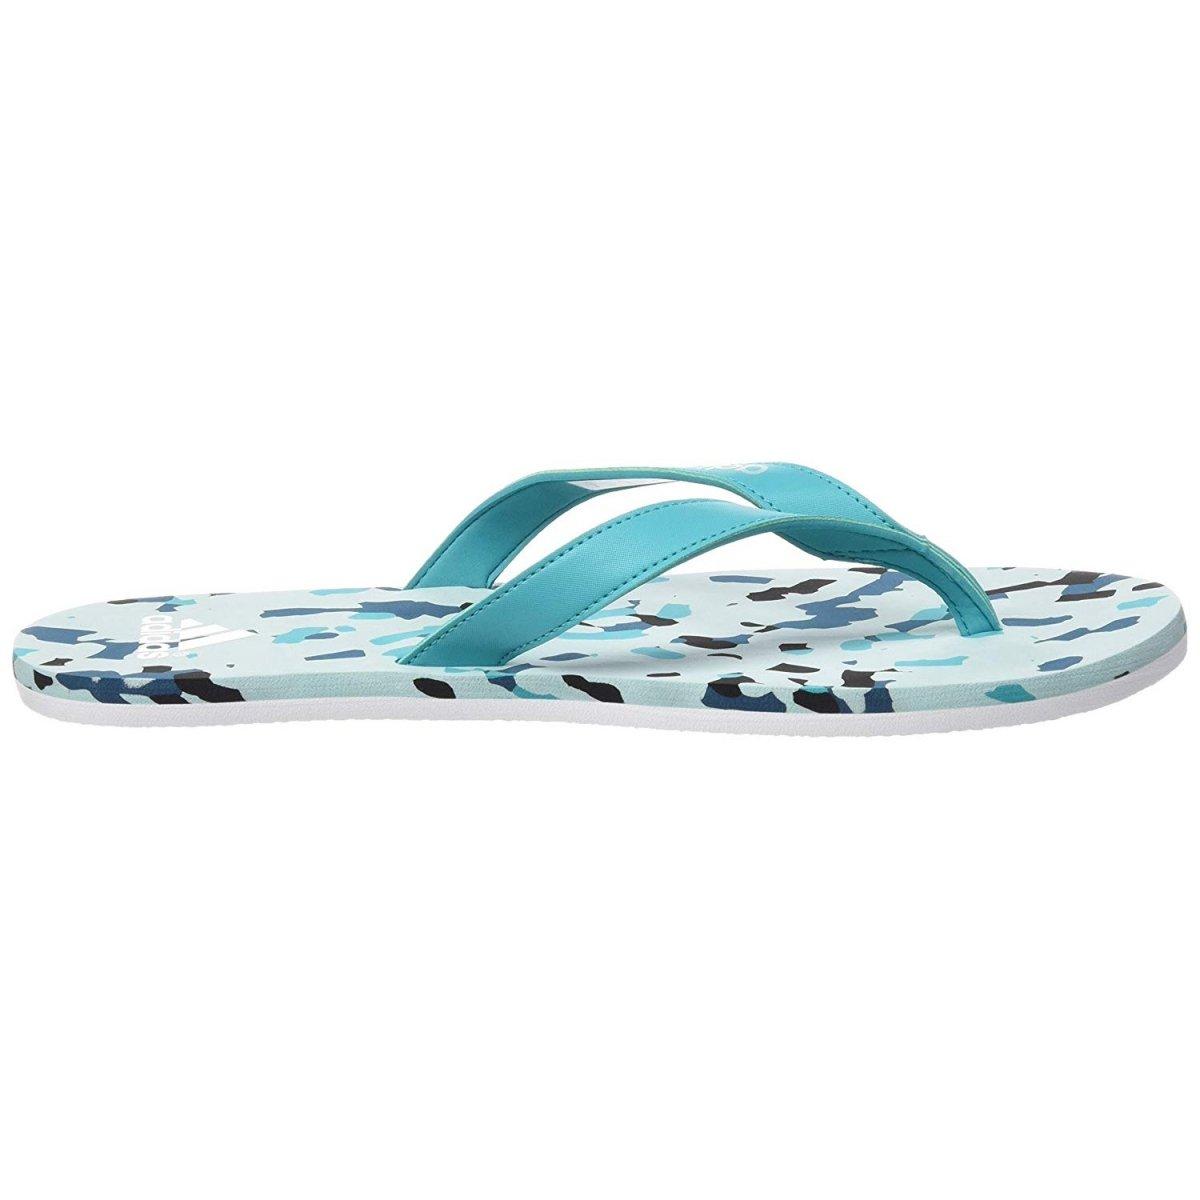 7640b20a64e8 Details about ADIDAS EEZAY MARBLED Mens Thong Flip Flops Sliders Water Beach  Sandals S78077